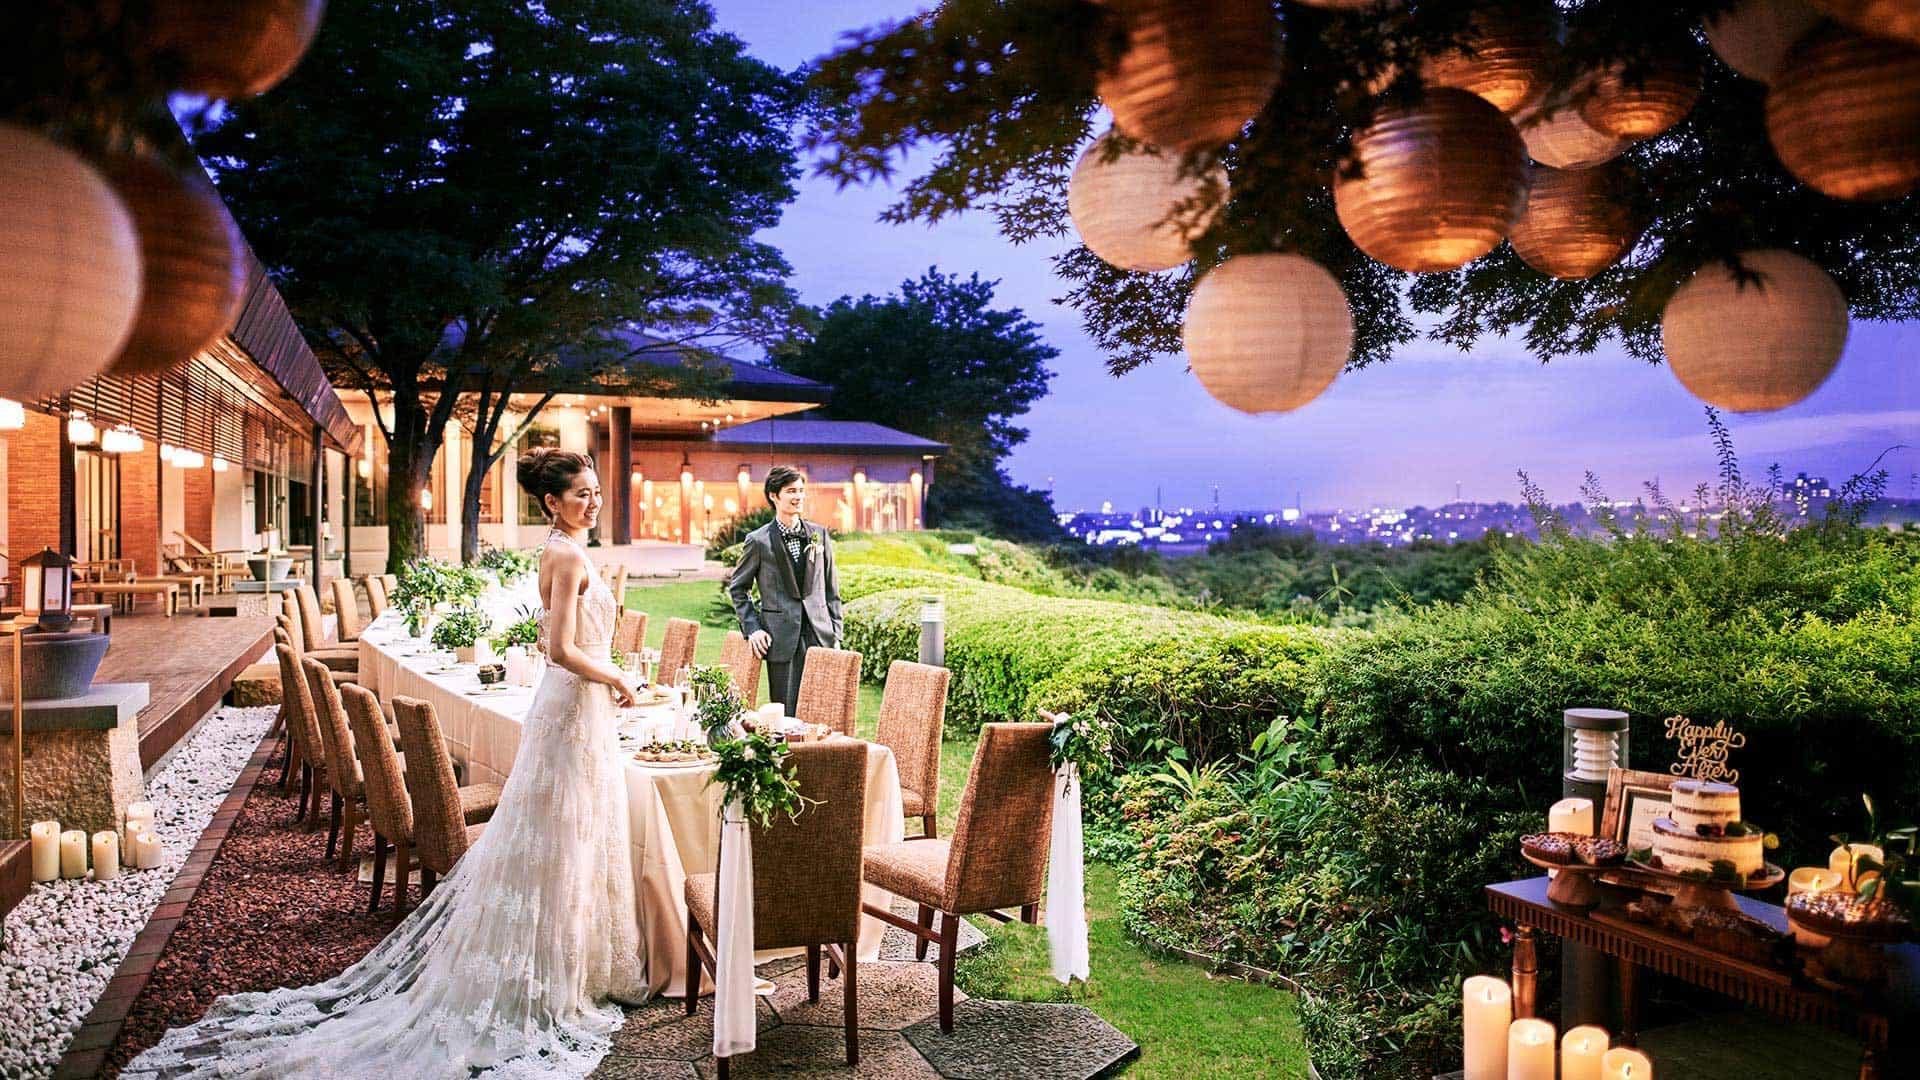 9cbff3376e26b  公式 浜松市のレストラン・結婚式場|ジ・オリエンタルテラス ハイダウェイ